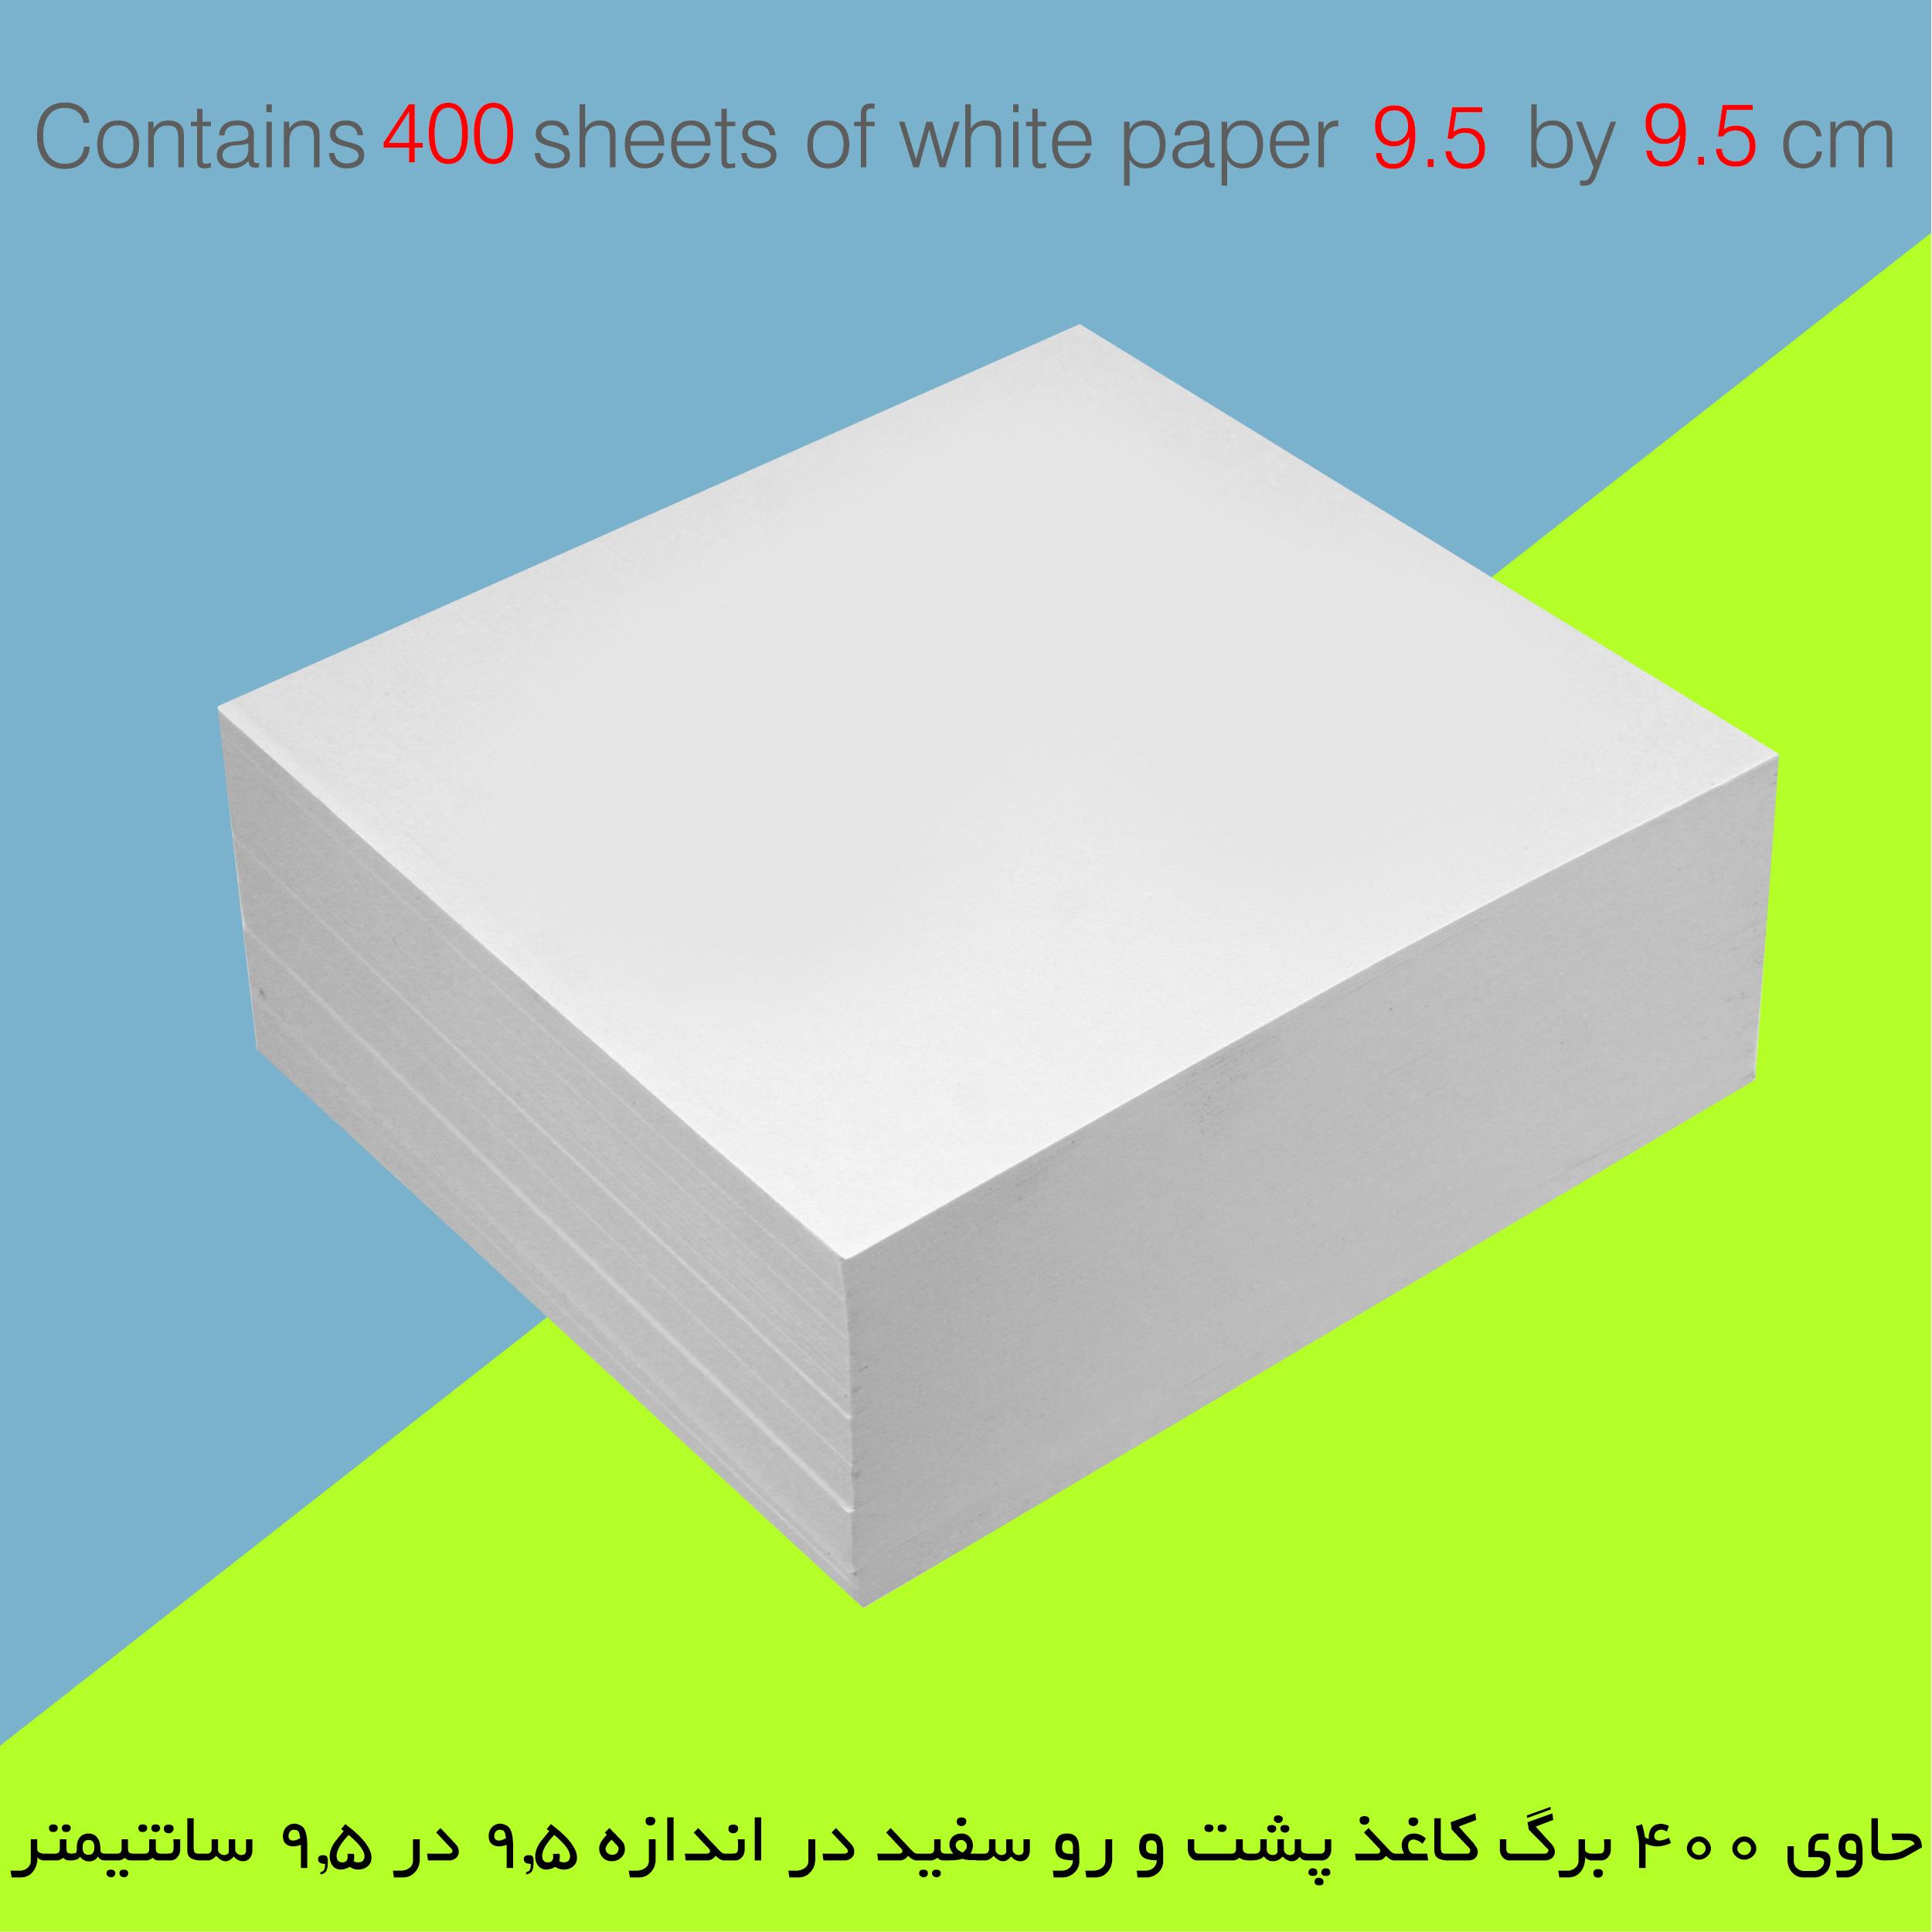 کاغذ یادداشت FG مدل آراد کد W-1386 بسته 400 عددی